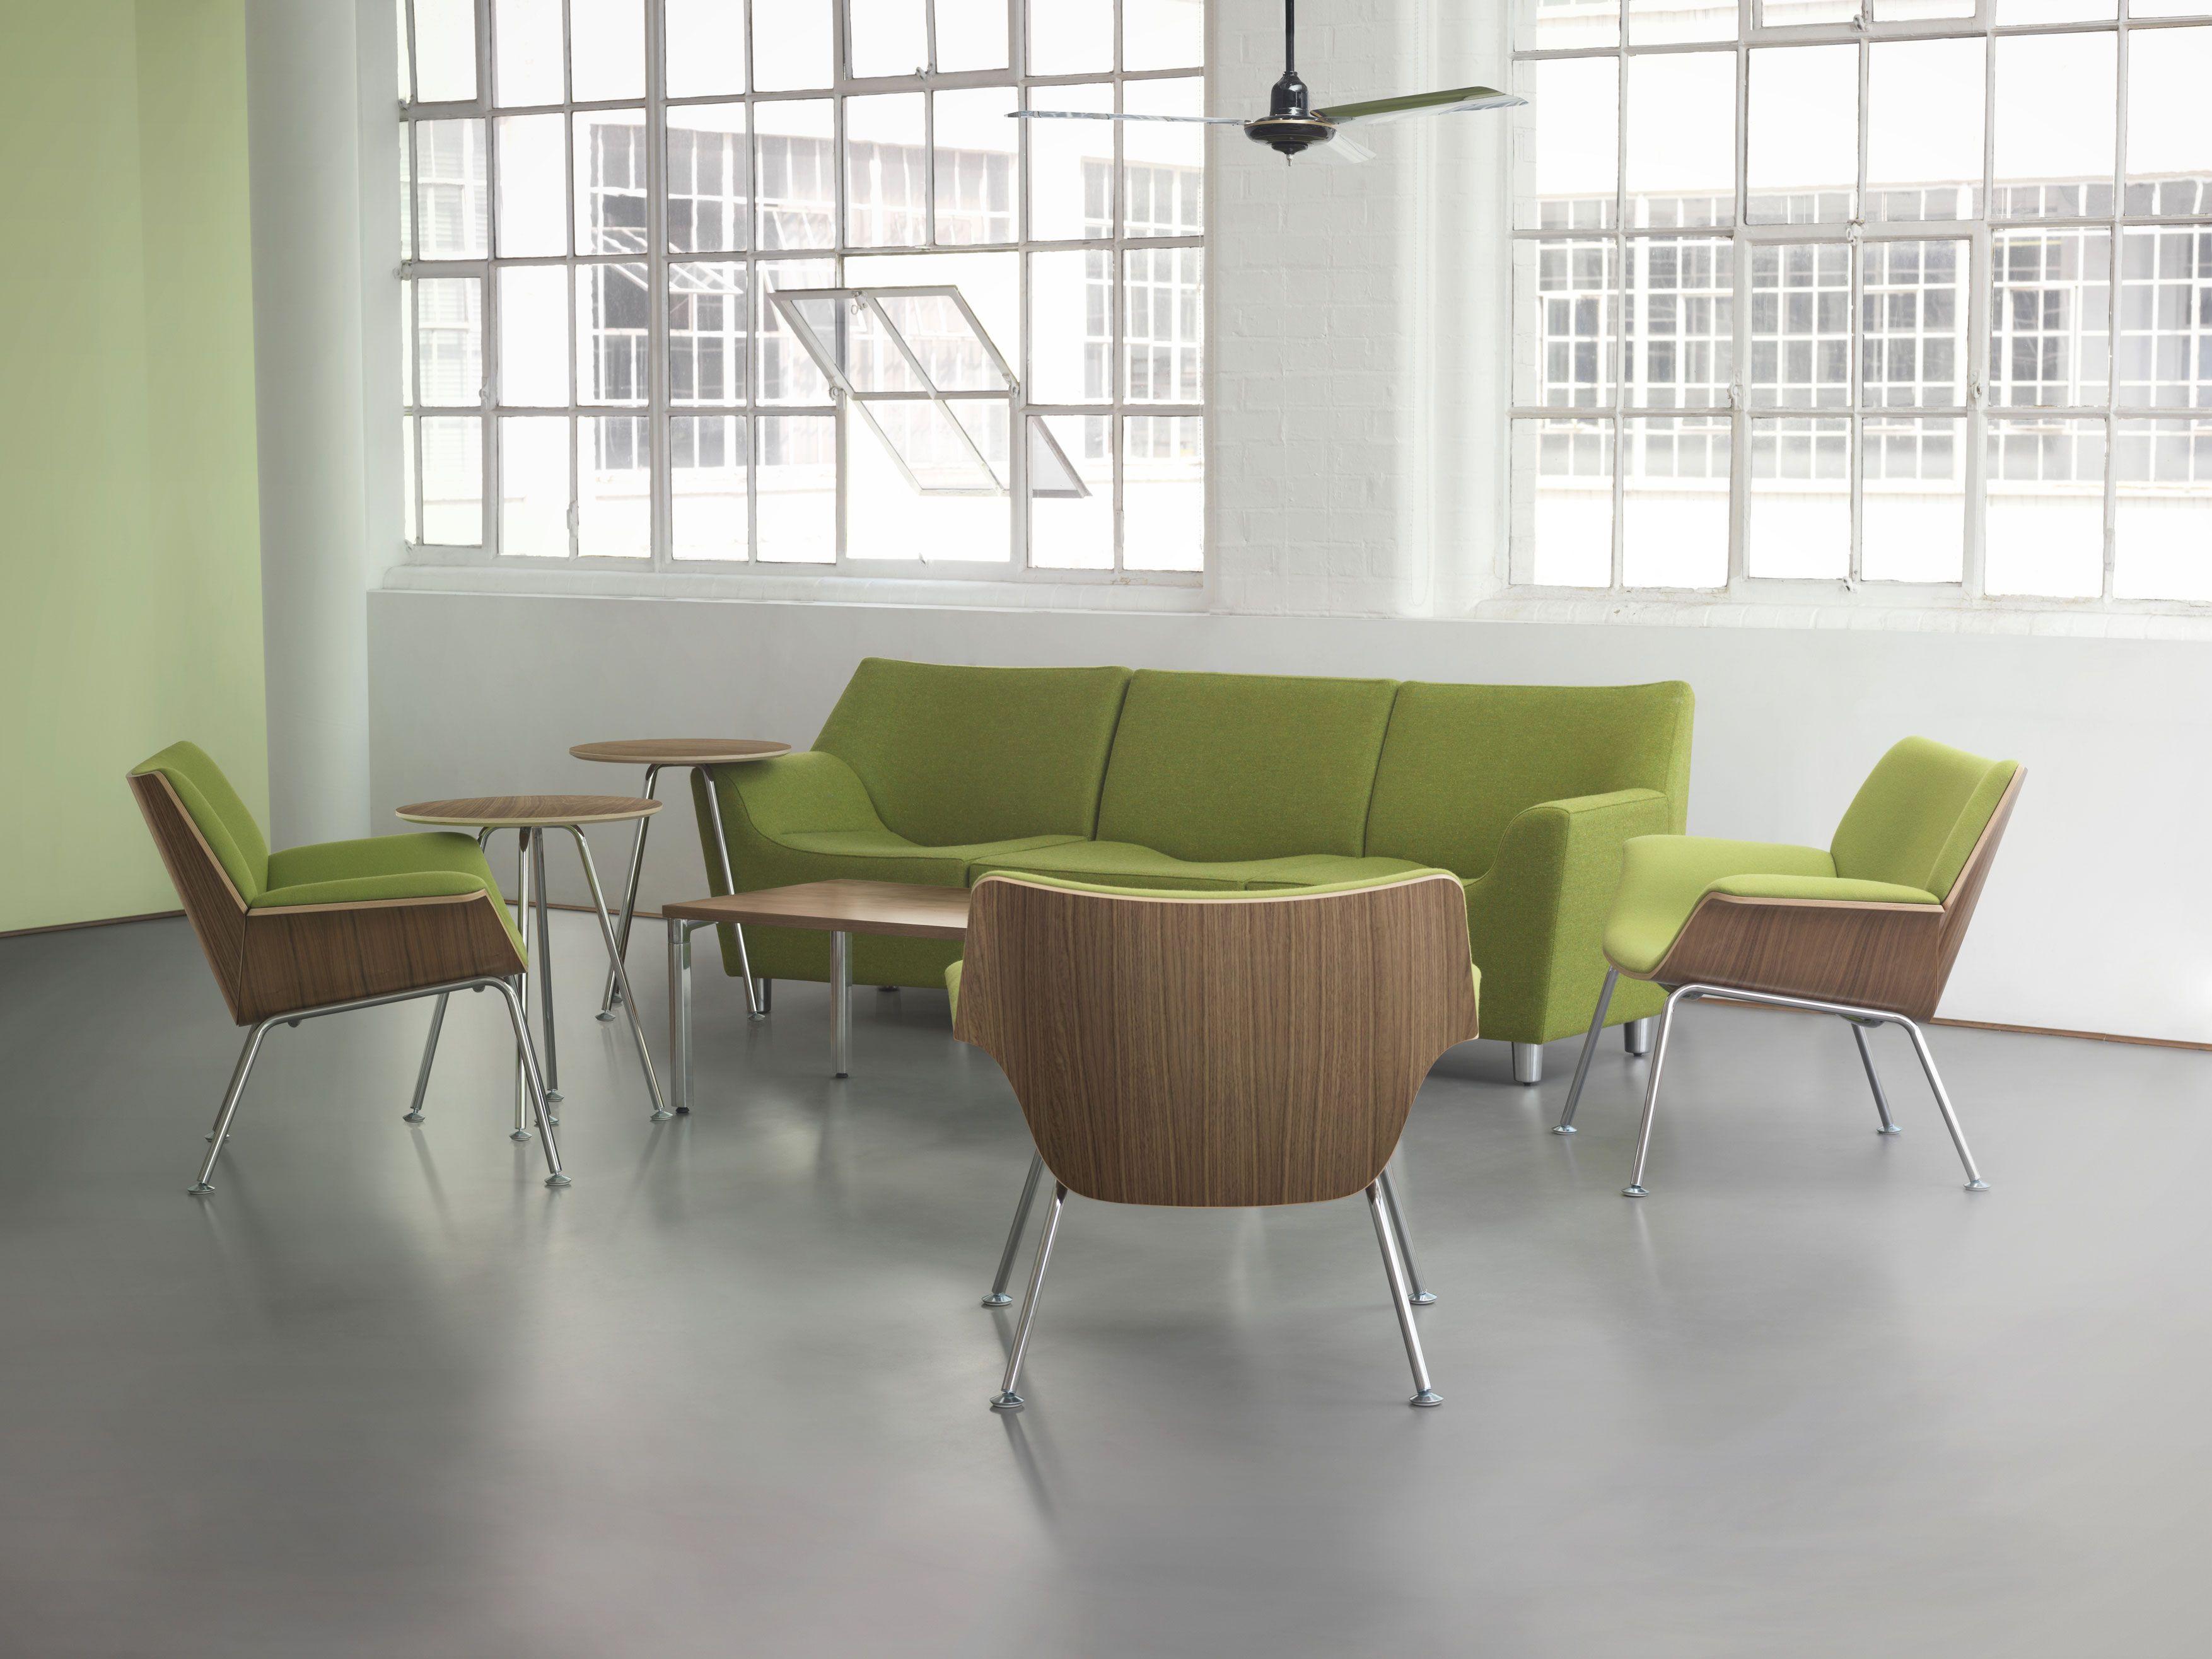 Herman Miller Swoop Spaces for Meeting